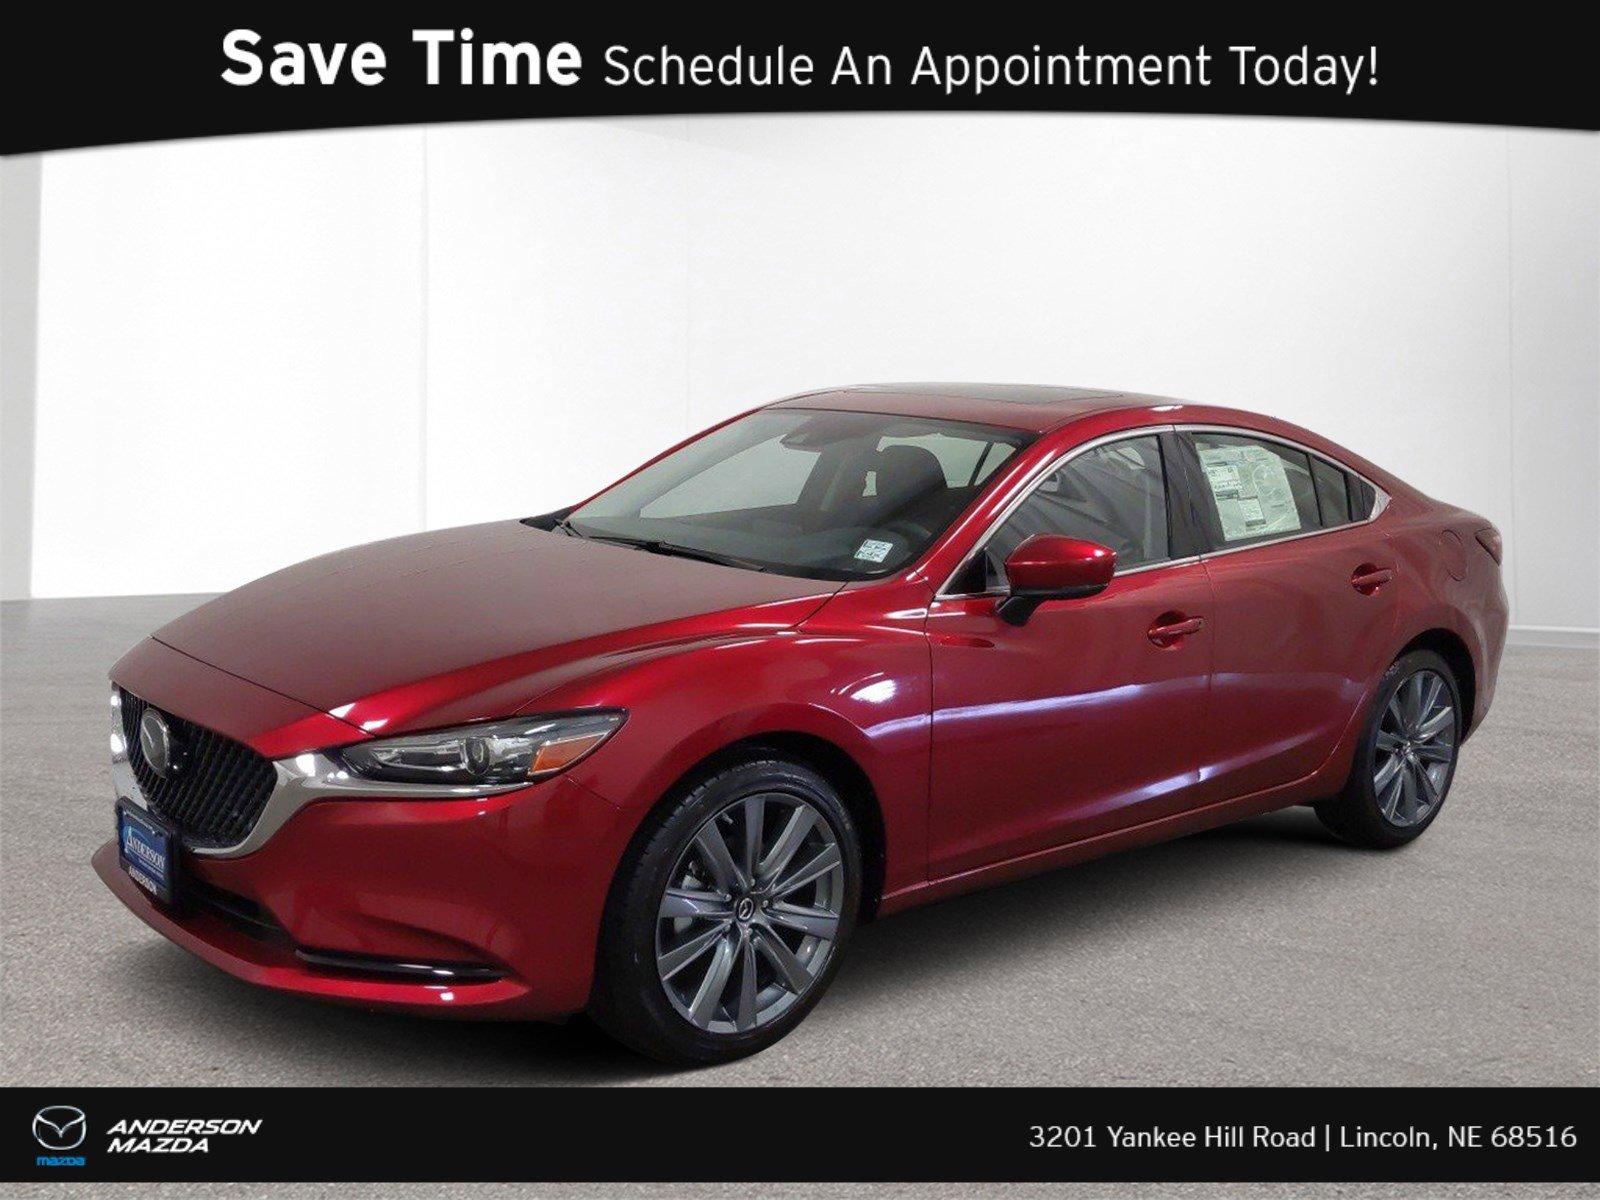 New 2020 Mazda Mazda6 Touring 4dr Car for sale in Lincoln NE